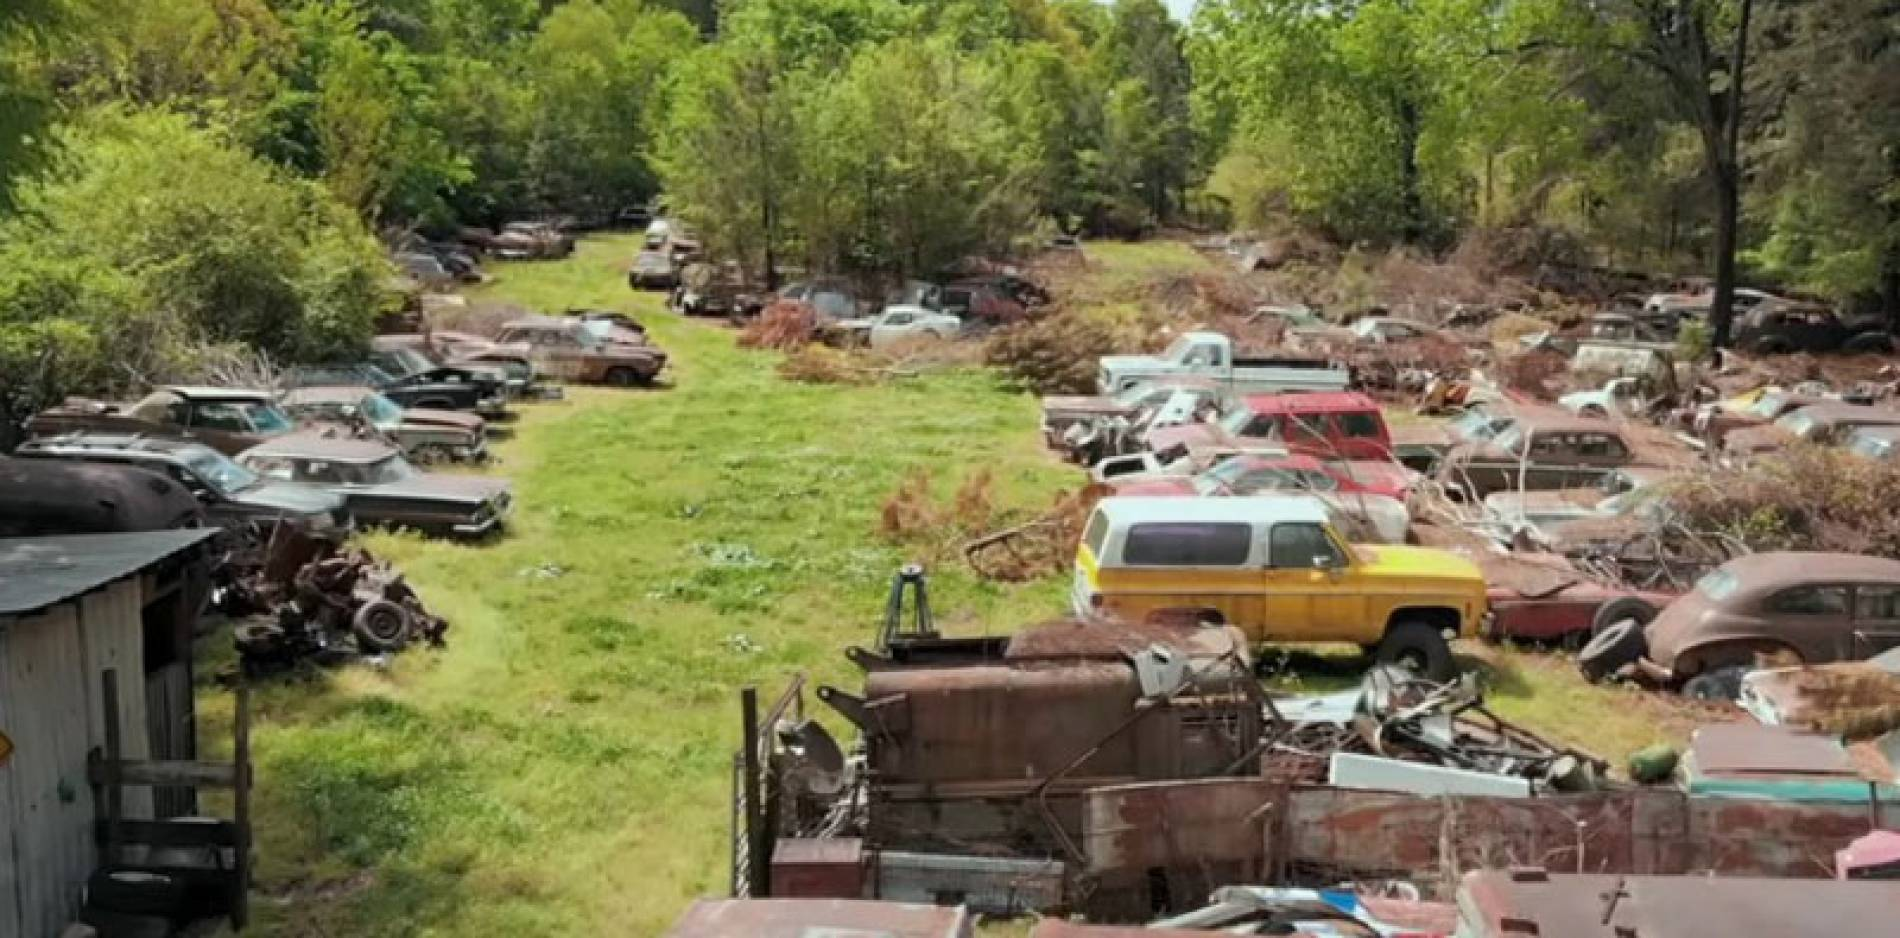 Encuentran una colección de 80 coches clásicos de alto valor abandonados en un bosque